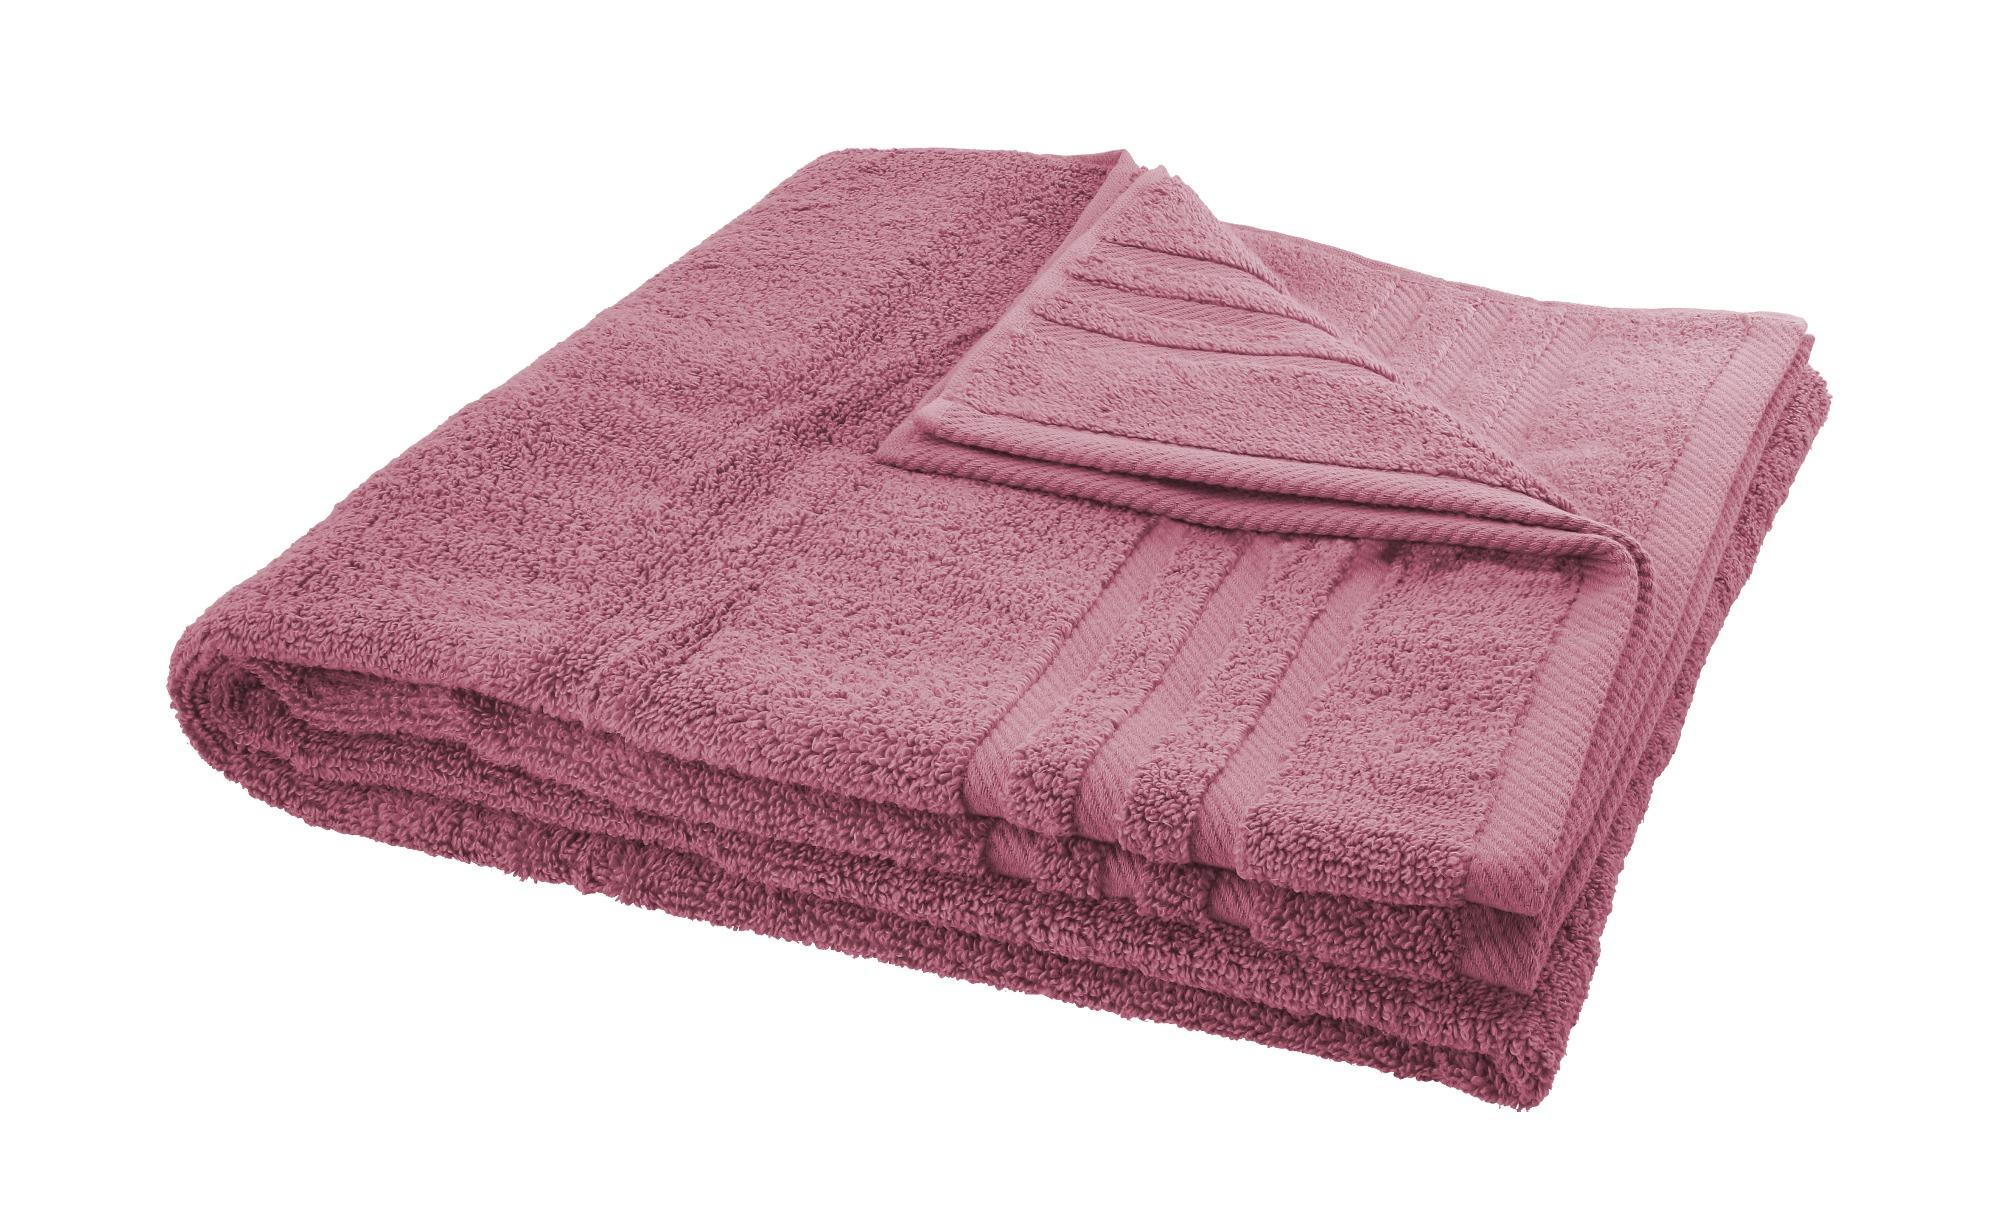 LAVIDA Duschtuch  Soft Cotton ¦ lila/violett ¦ reine Micro-Baumwolle ¦ Maße (cm): B: 70 Badtextilien und Zubehör > Handtücher & Badetücher > Duschtücher - Höffner